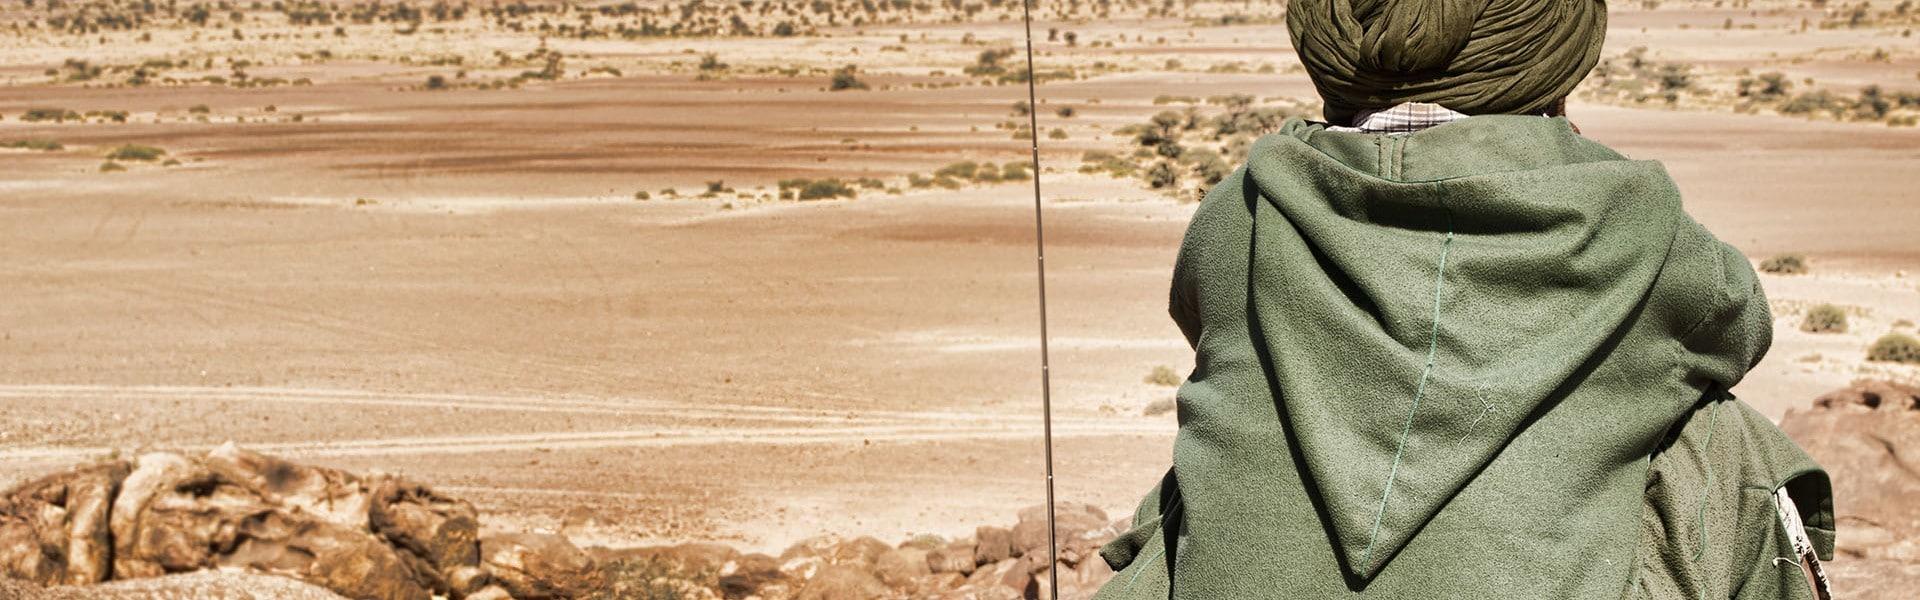 الإعلام الحقوقي في موريتانيا تدريب موجّه للصحافيين و مهنيي قطاع الاتّصال